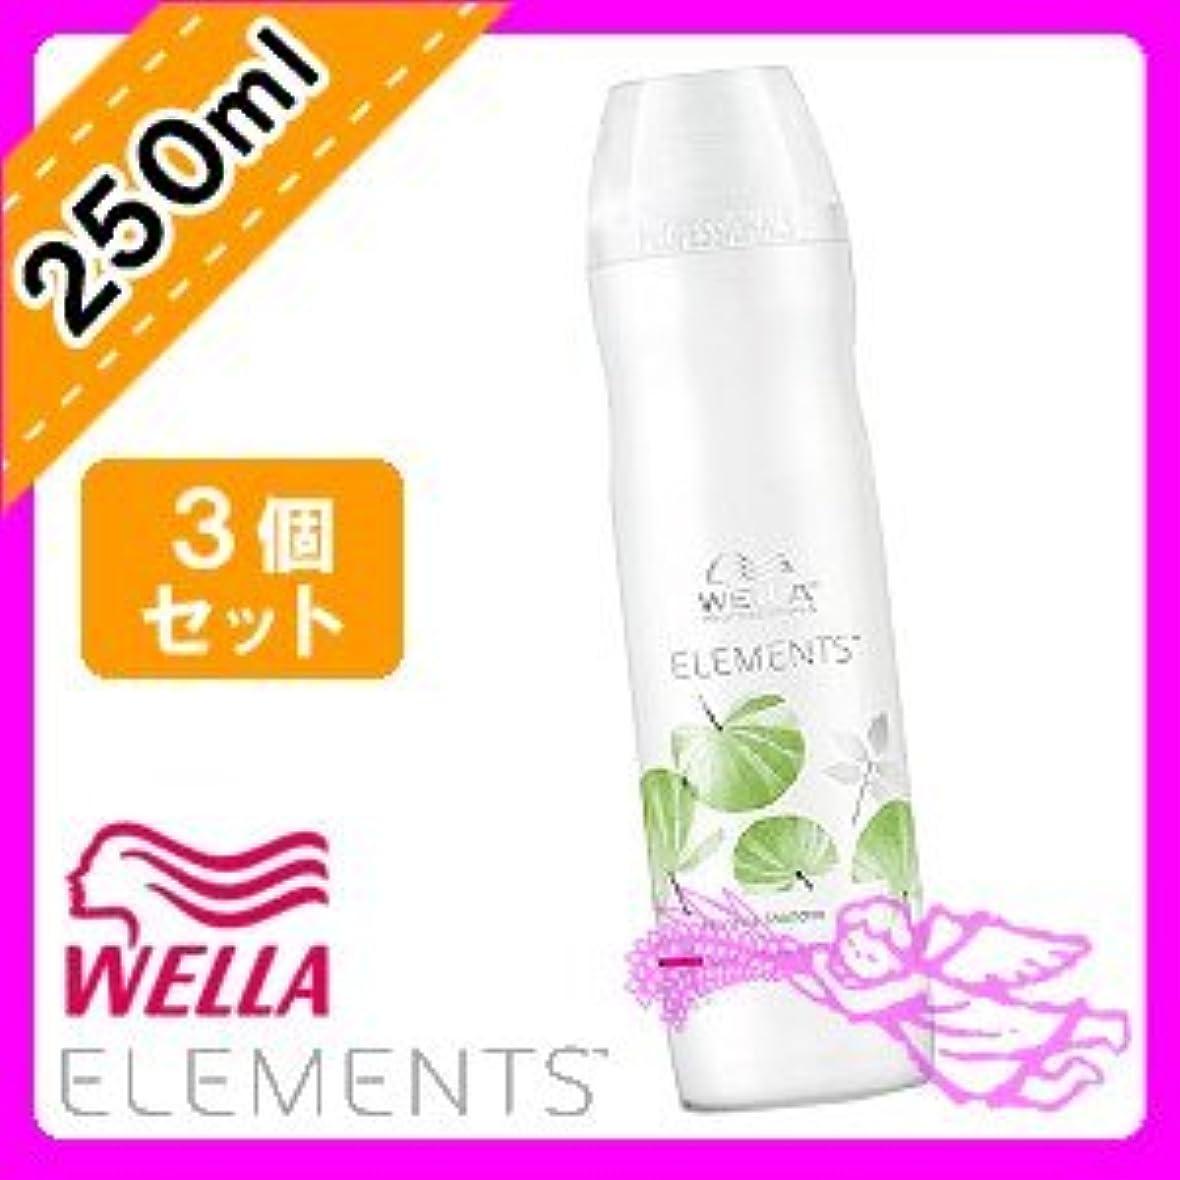 誇張業界テレマコスウエラ エレメンツ シャンプー 250ml ×3個 セット WELLA ELEMENTS